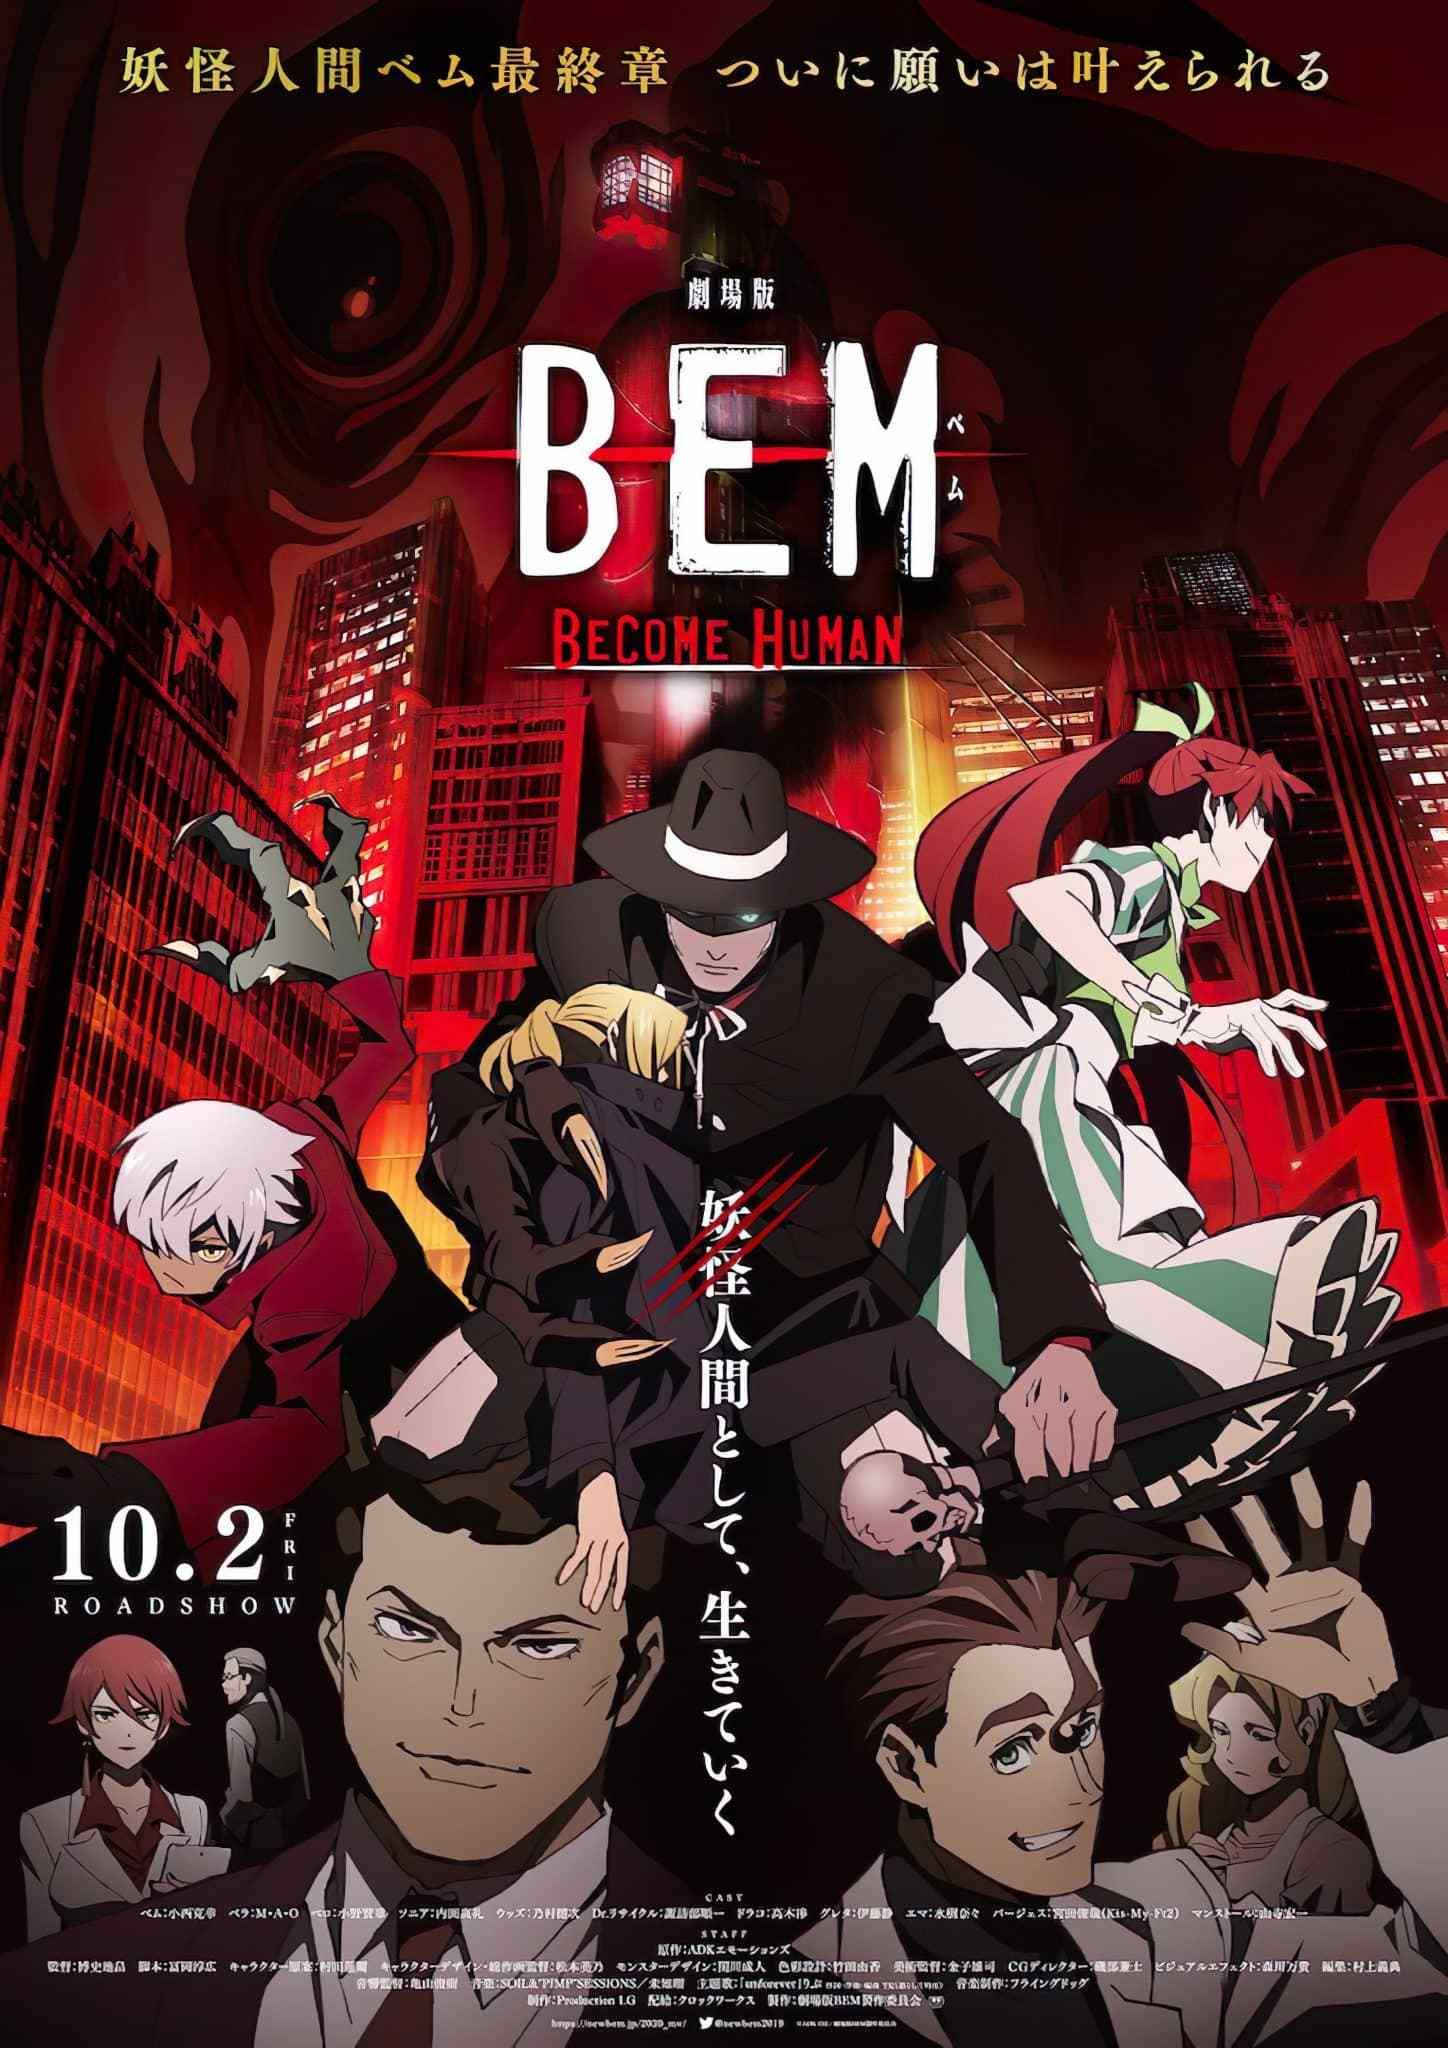 Gekijouban Bem Become Human (2020)